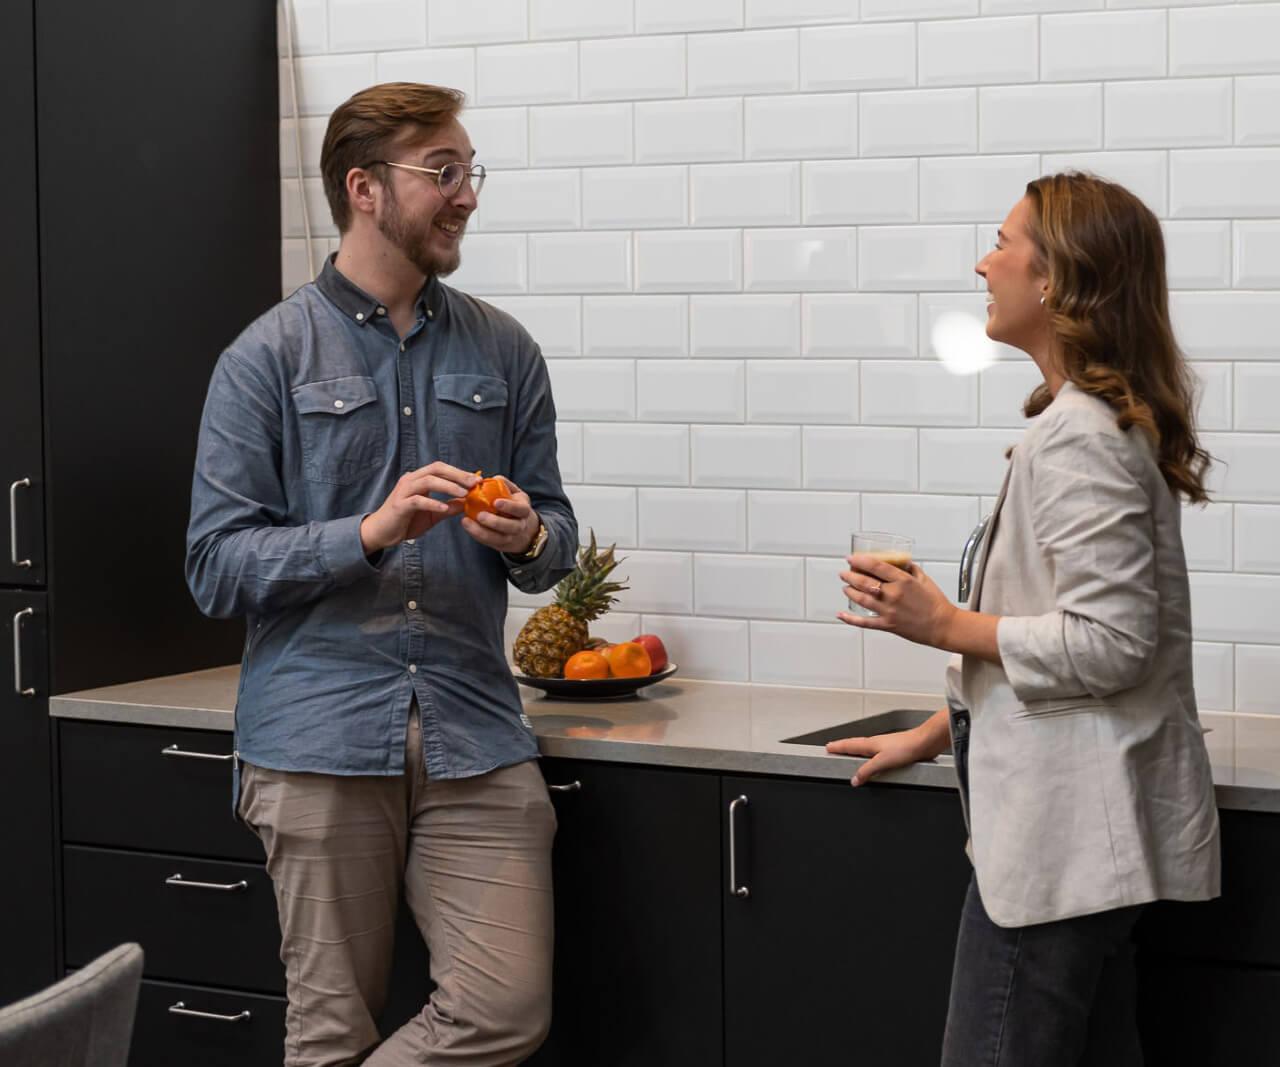 2 personer står och pratar på ett kontor